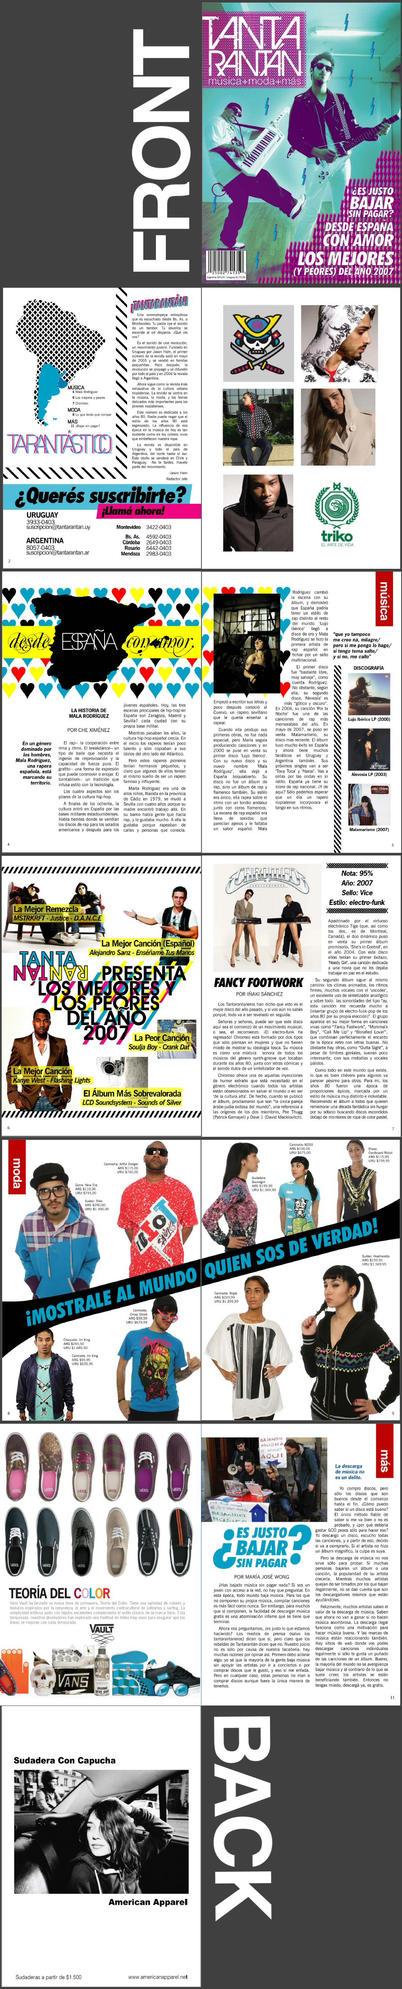 Revista Tantarantan by hamstarr